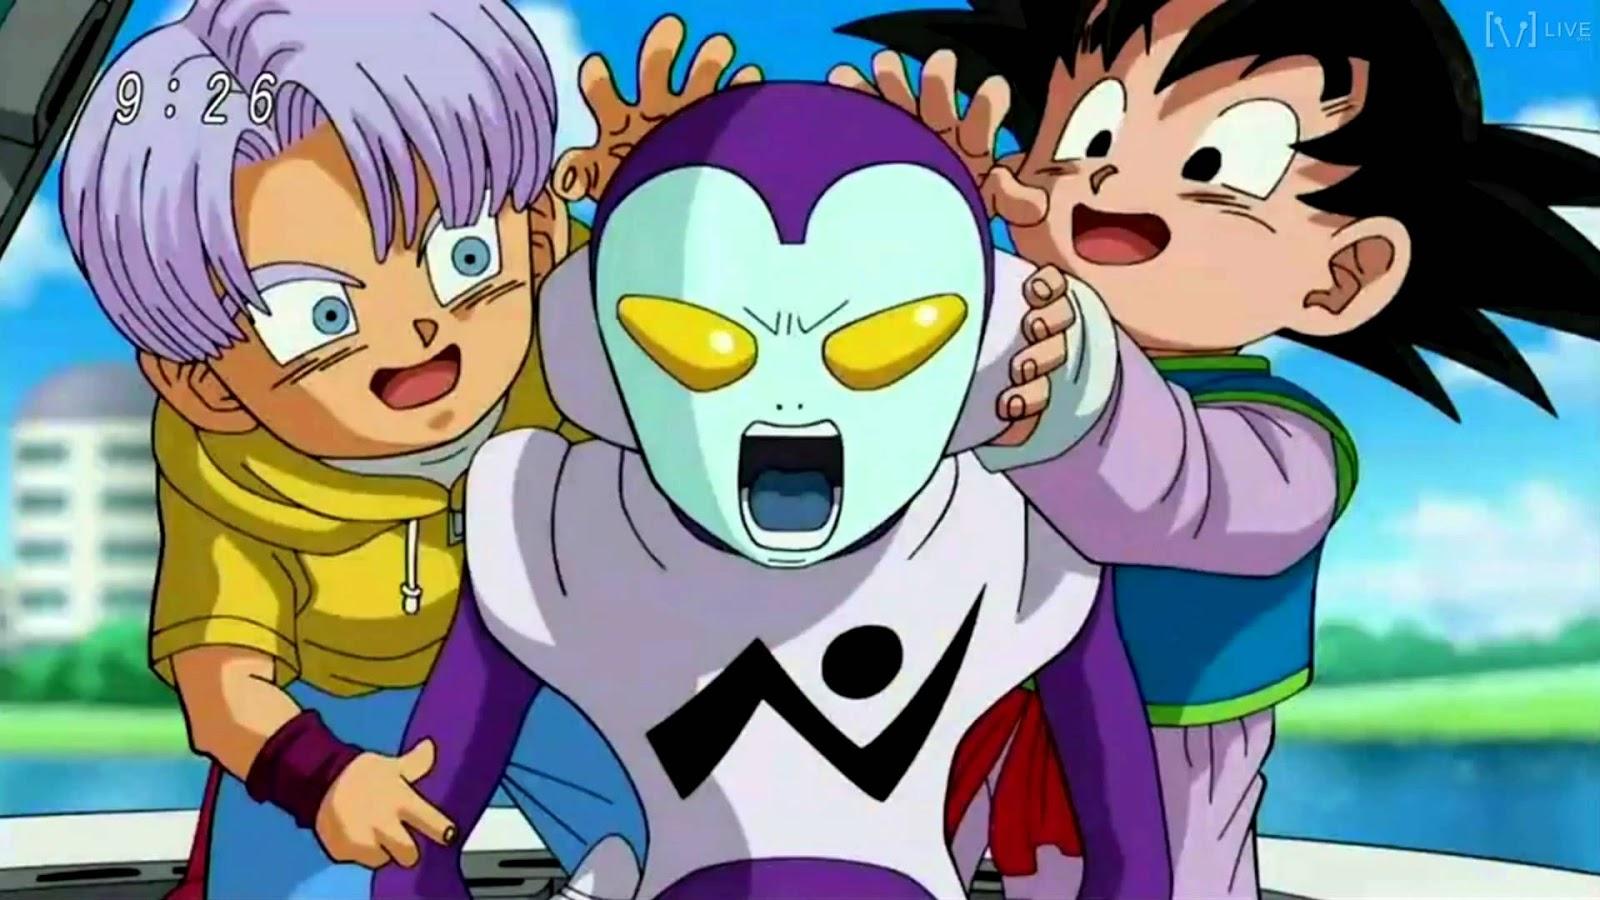 Assistir Dragon Ball Super Dublado - Episódio 20 Online